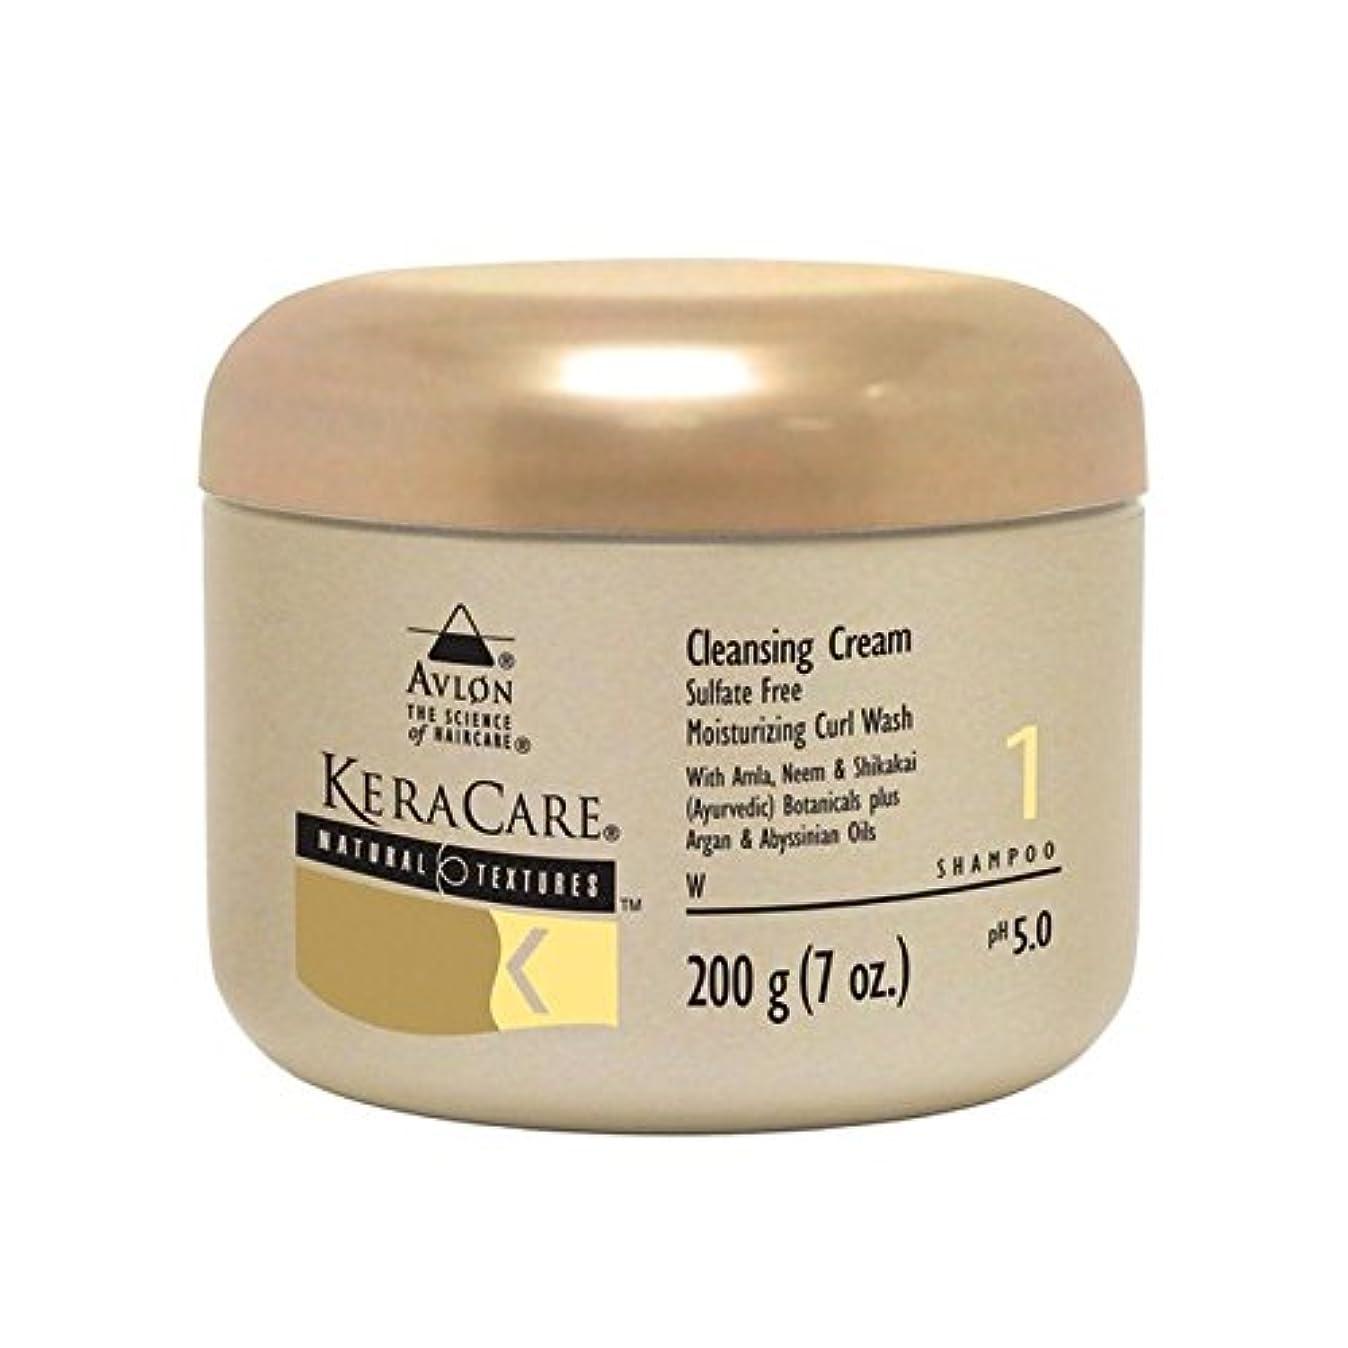 狼キャロラインカセットKeracare Natural Textures Cleansing Cream (910G) - 自然な質感クレンジングクリーム(910グラム) [並行輸入品]